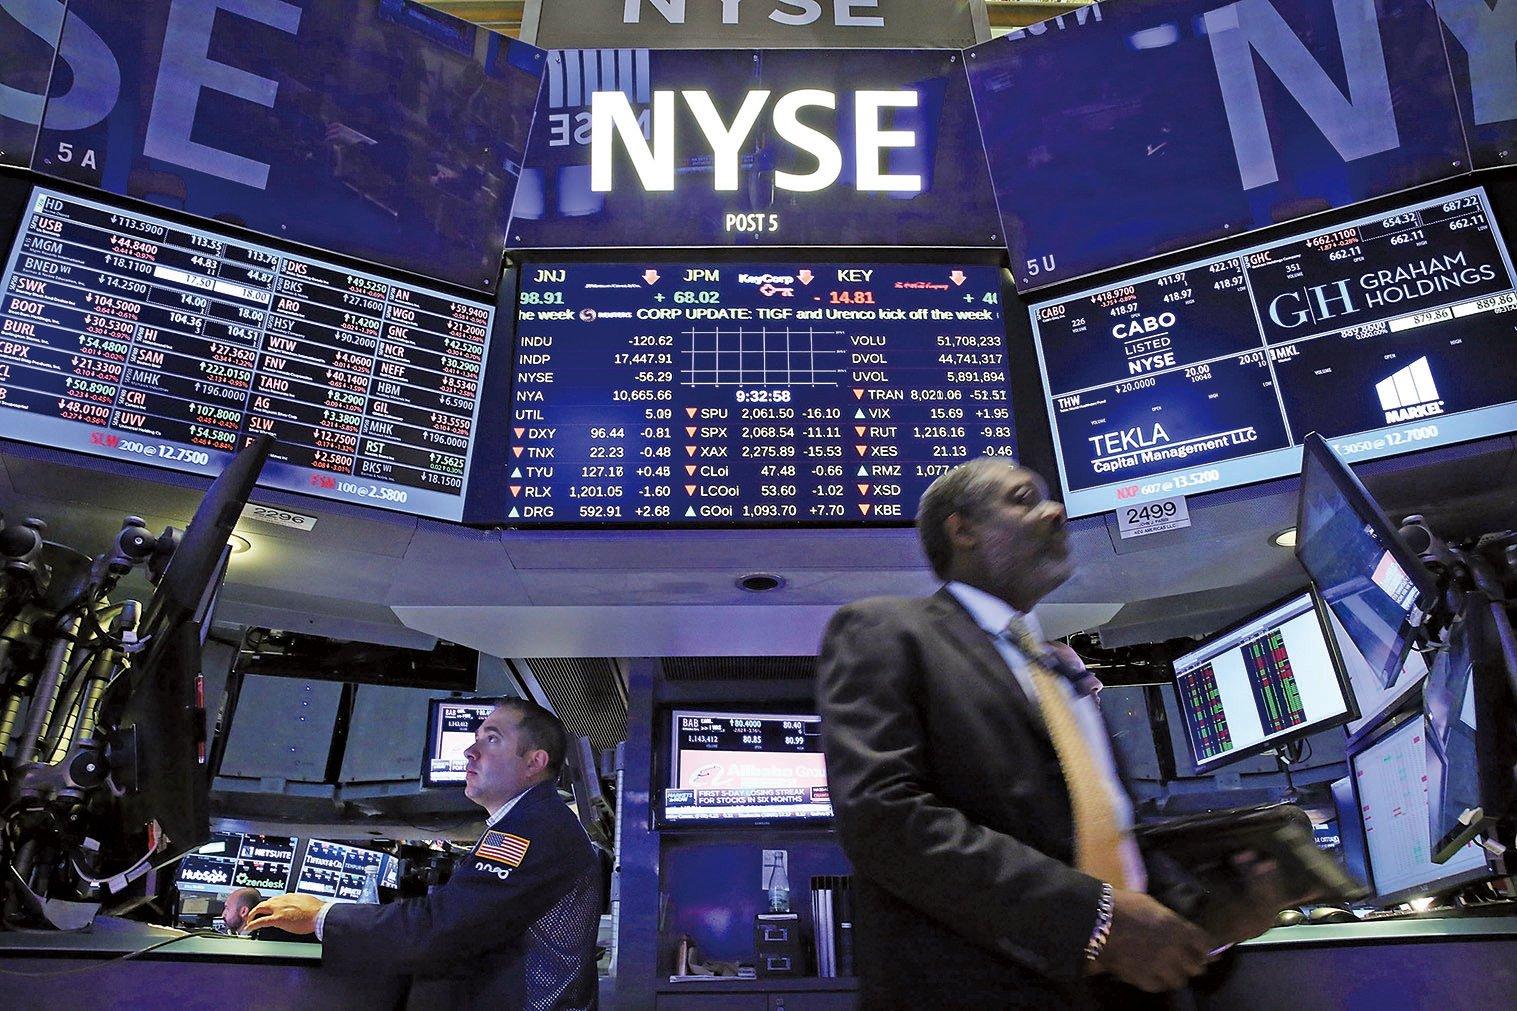 近一個月,217隻赴美國上市的中概股市值縮水2,353.57億美元,其中阿里巴巴縮水795億美元居首。圖為美國股市資料圖。(Getty Images)